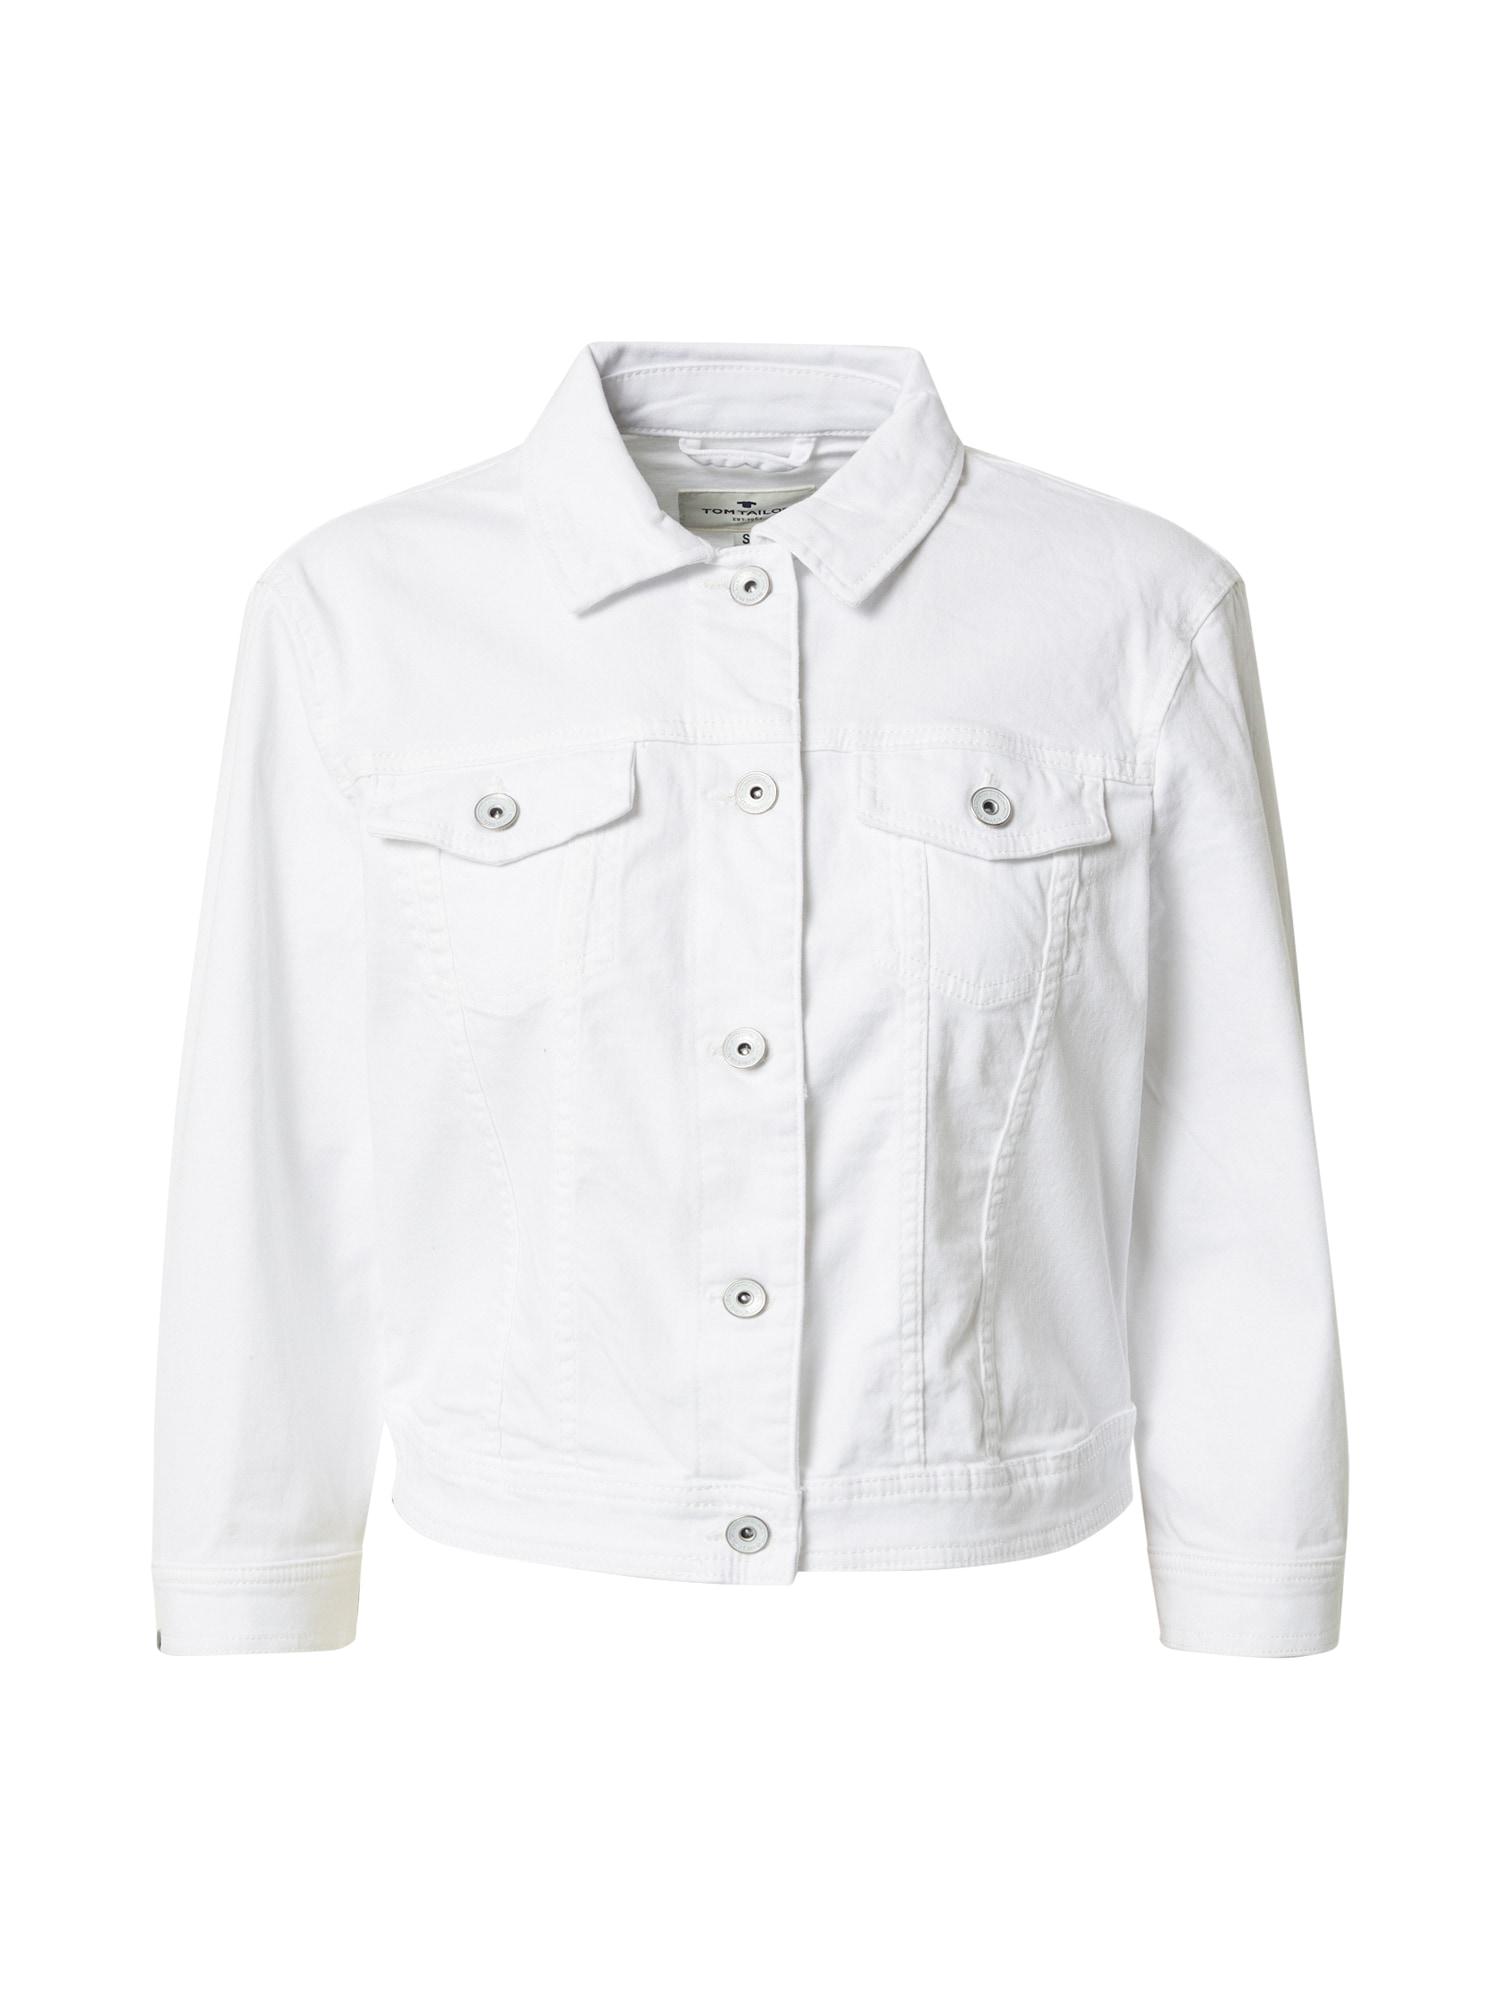 TOM TAILOR Demisezoninė striukė balto džinso spalva